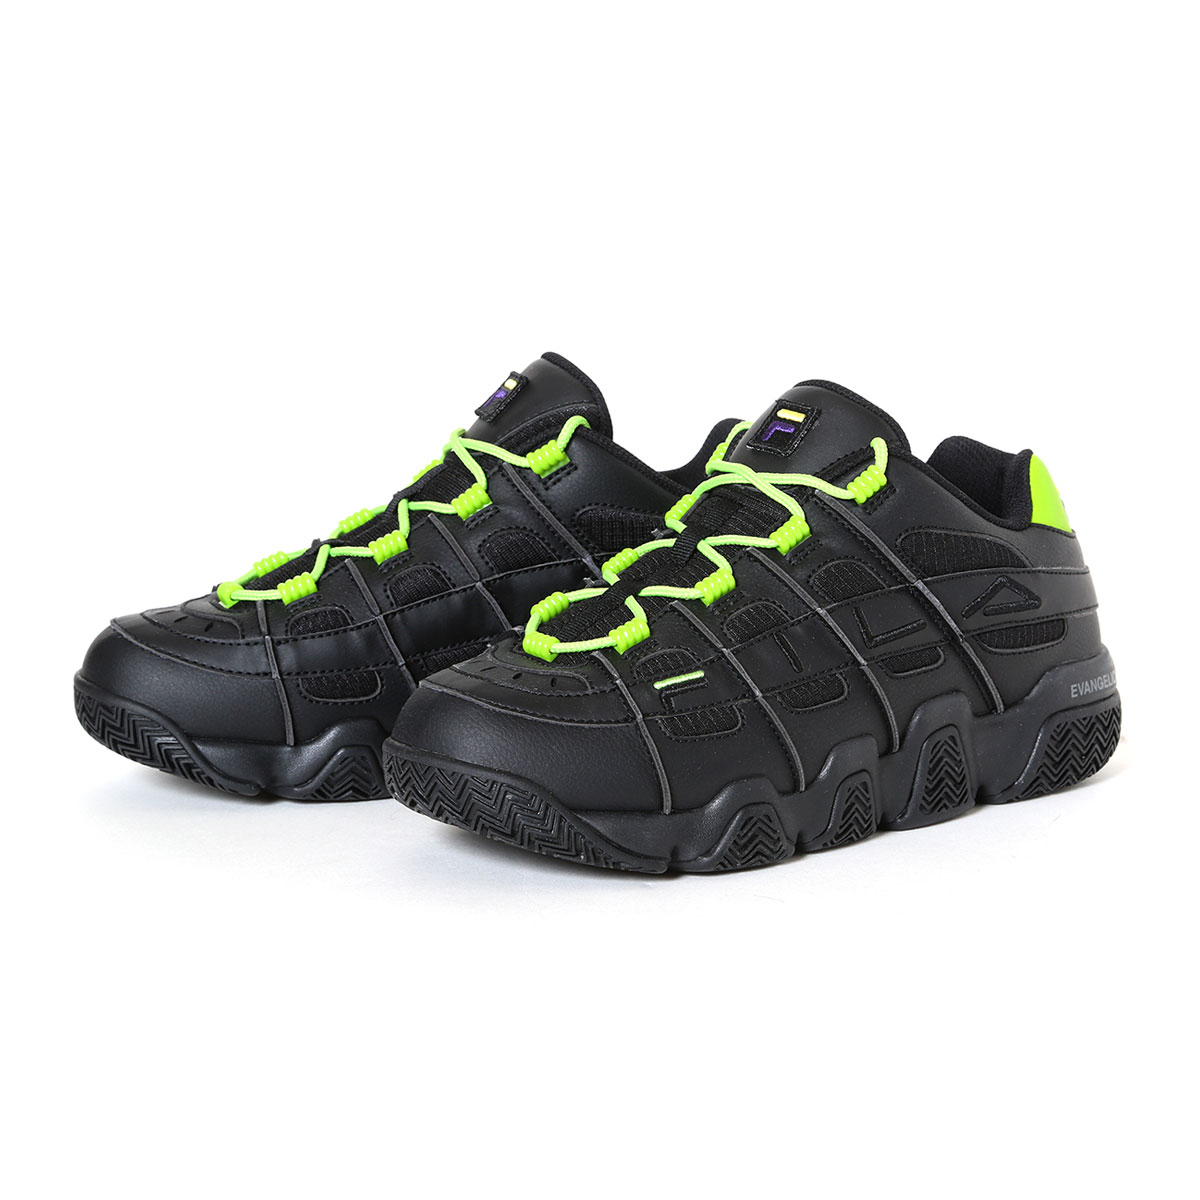 メンズ靴, スニーカー FILA BARRICADE XT 97 EVANGELION LIMITED( XT97 )BLKWHTGREEN 20SS-S at20-c